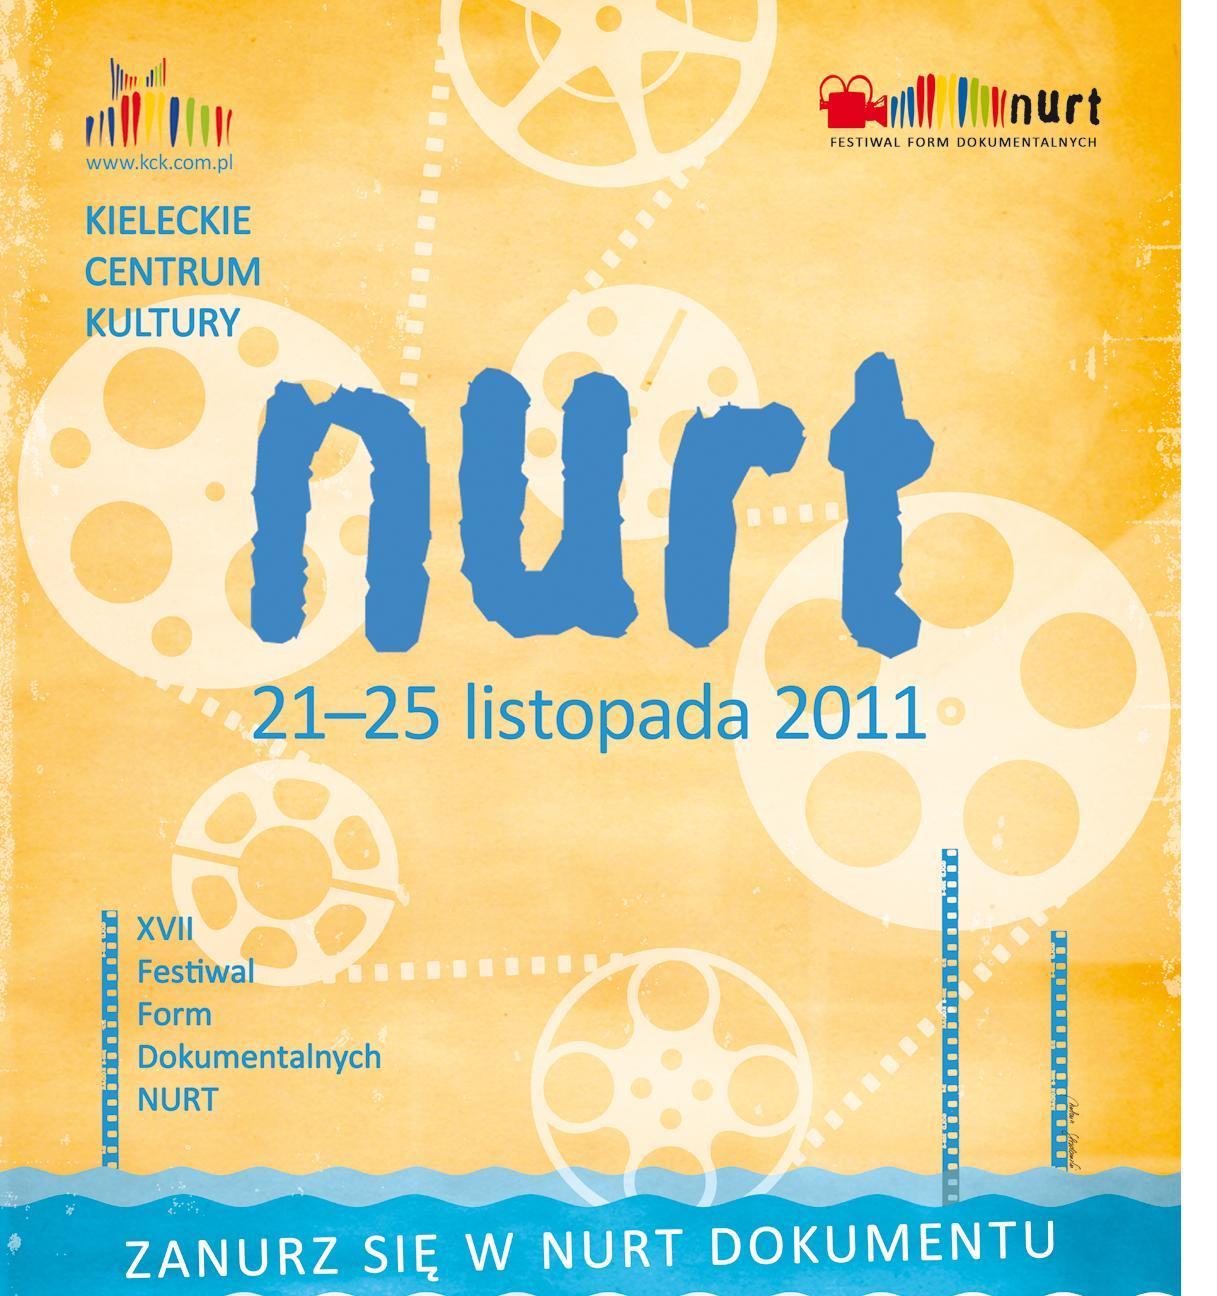 Festiwal Form Dokumentalnych NURT - plakat (źródło: materiały prasowe organizatora)